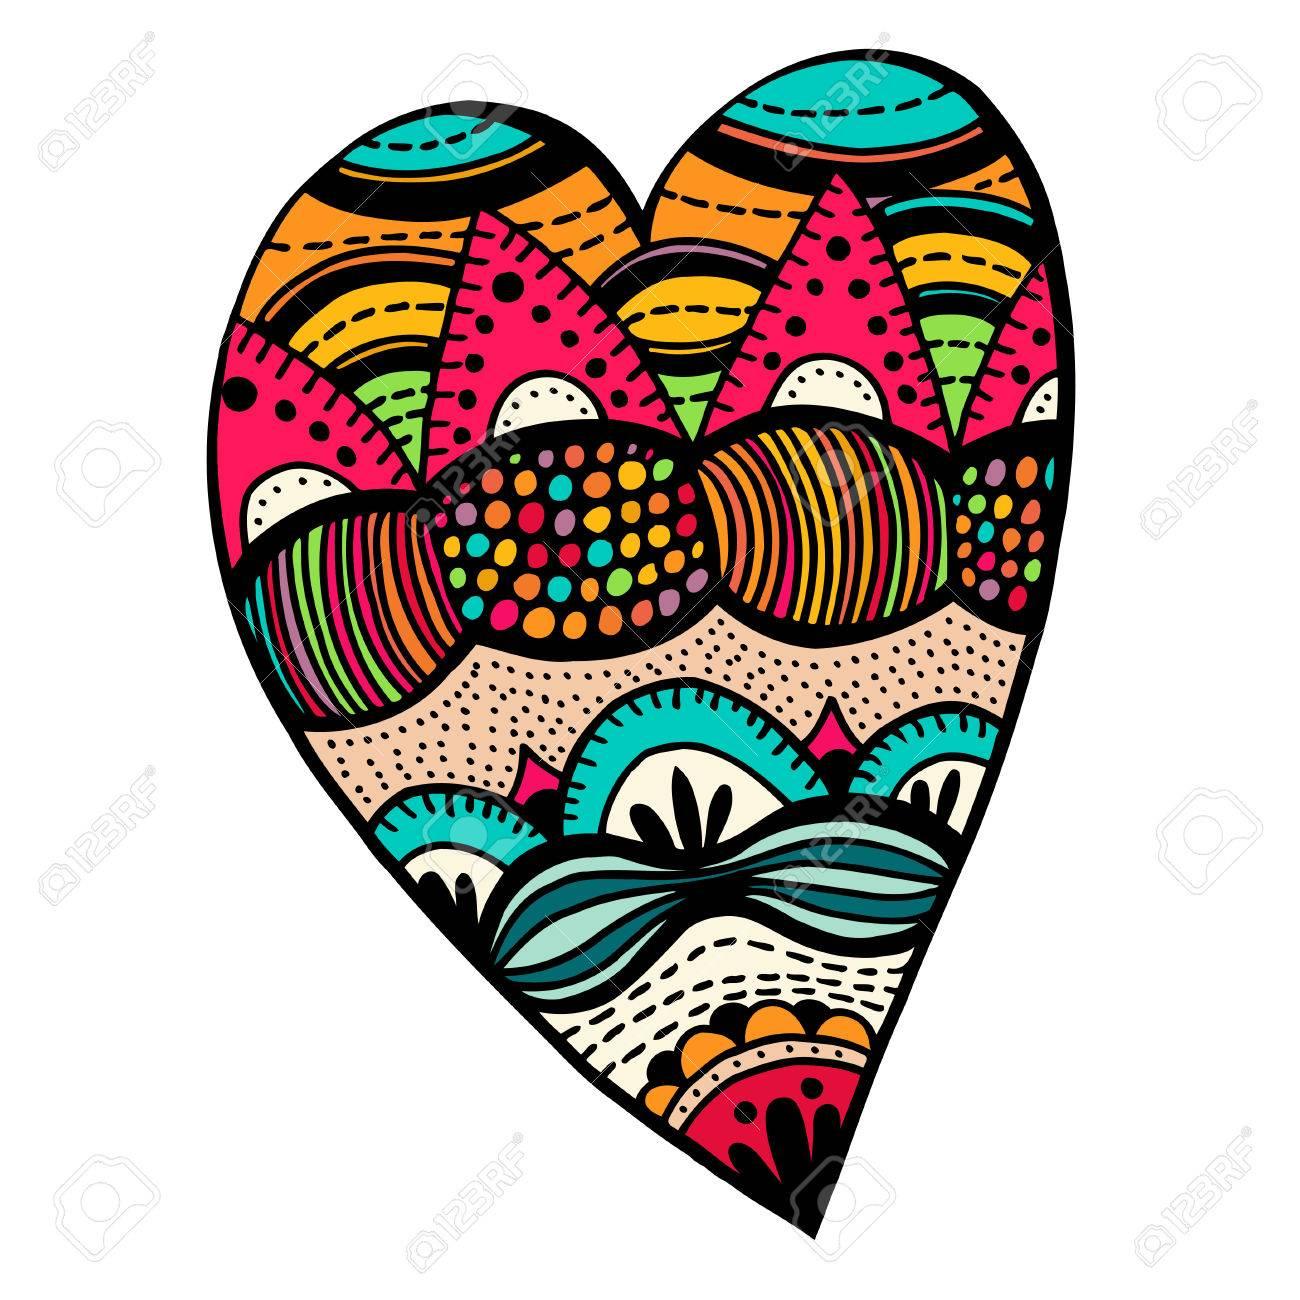 Coloriage De Coeur En Couleur.Dessine A La Main Style Coeurs De Couleur Motif Pour Livre De